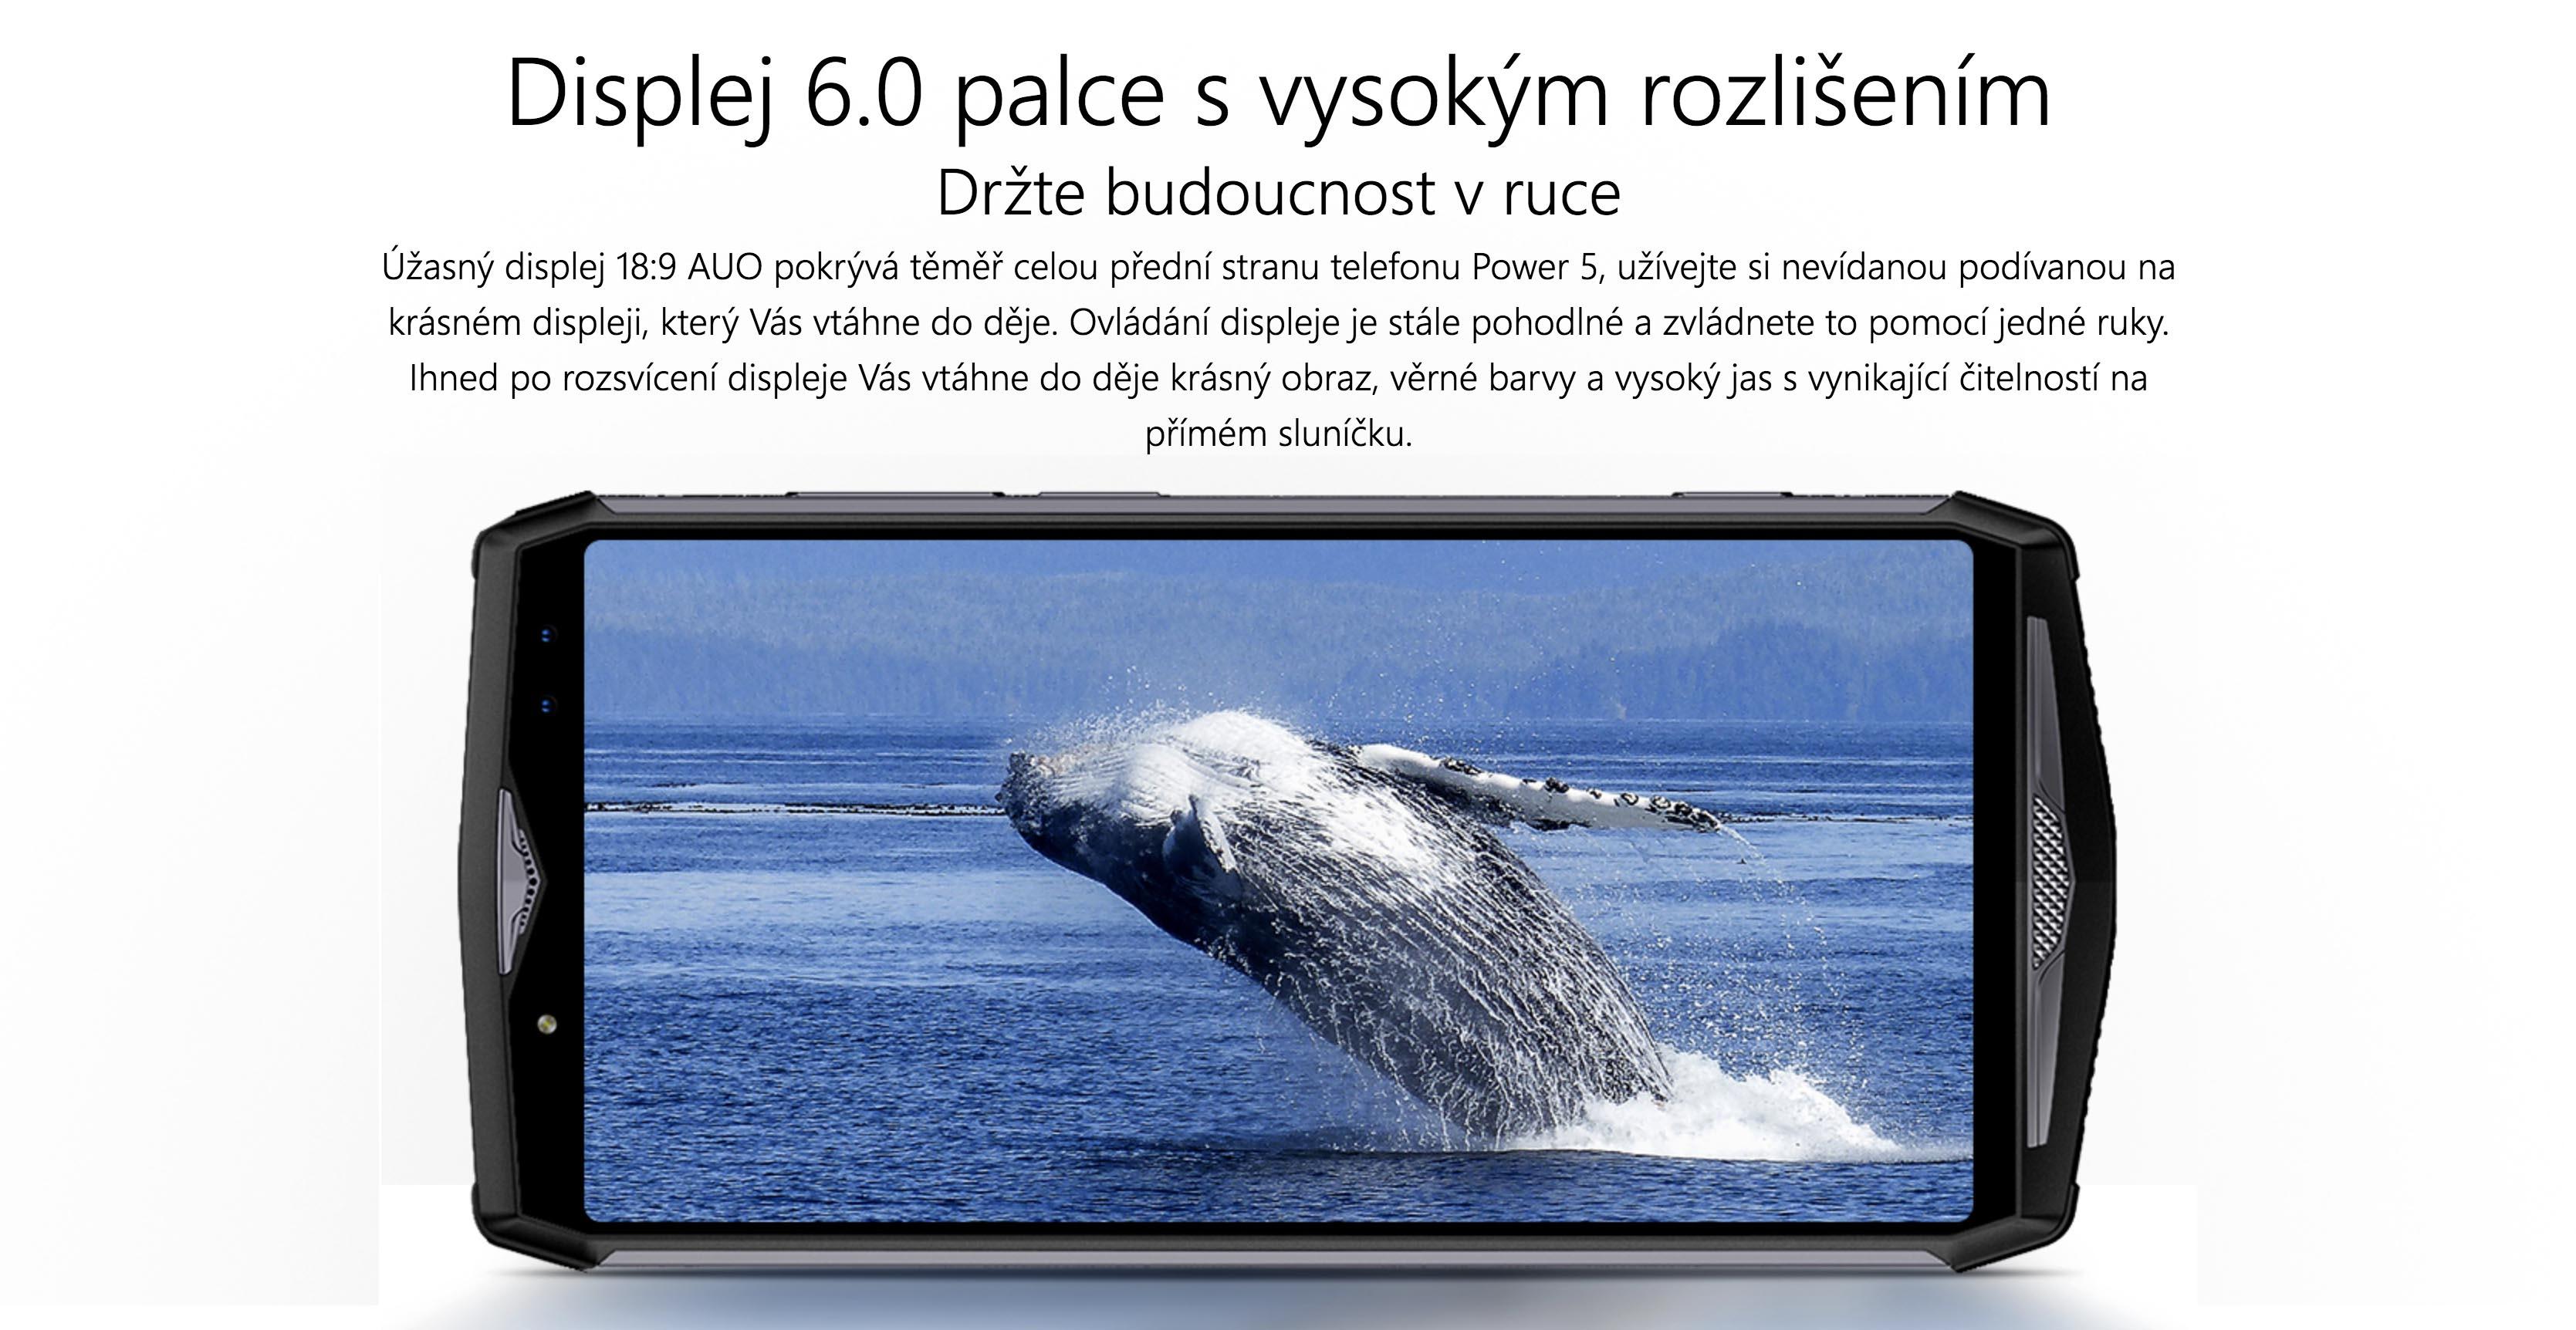 odolny_telefon_Ulefone_Power_5_7